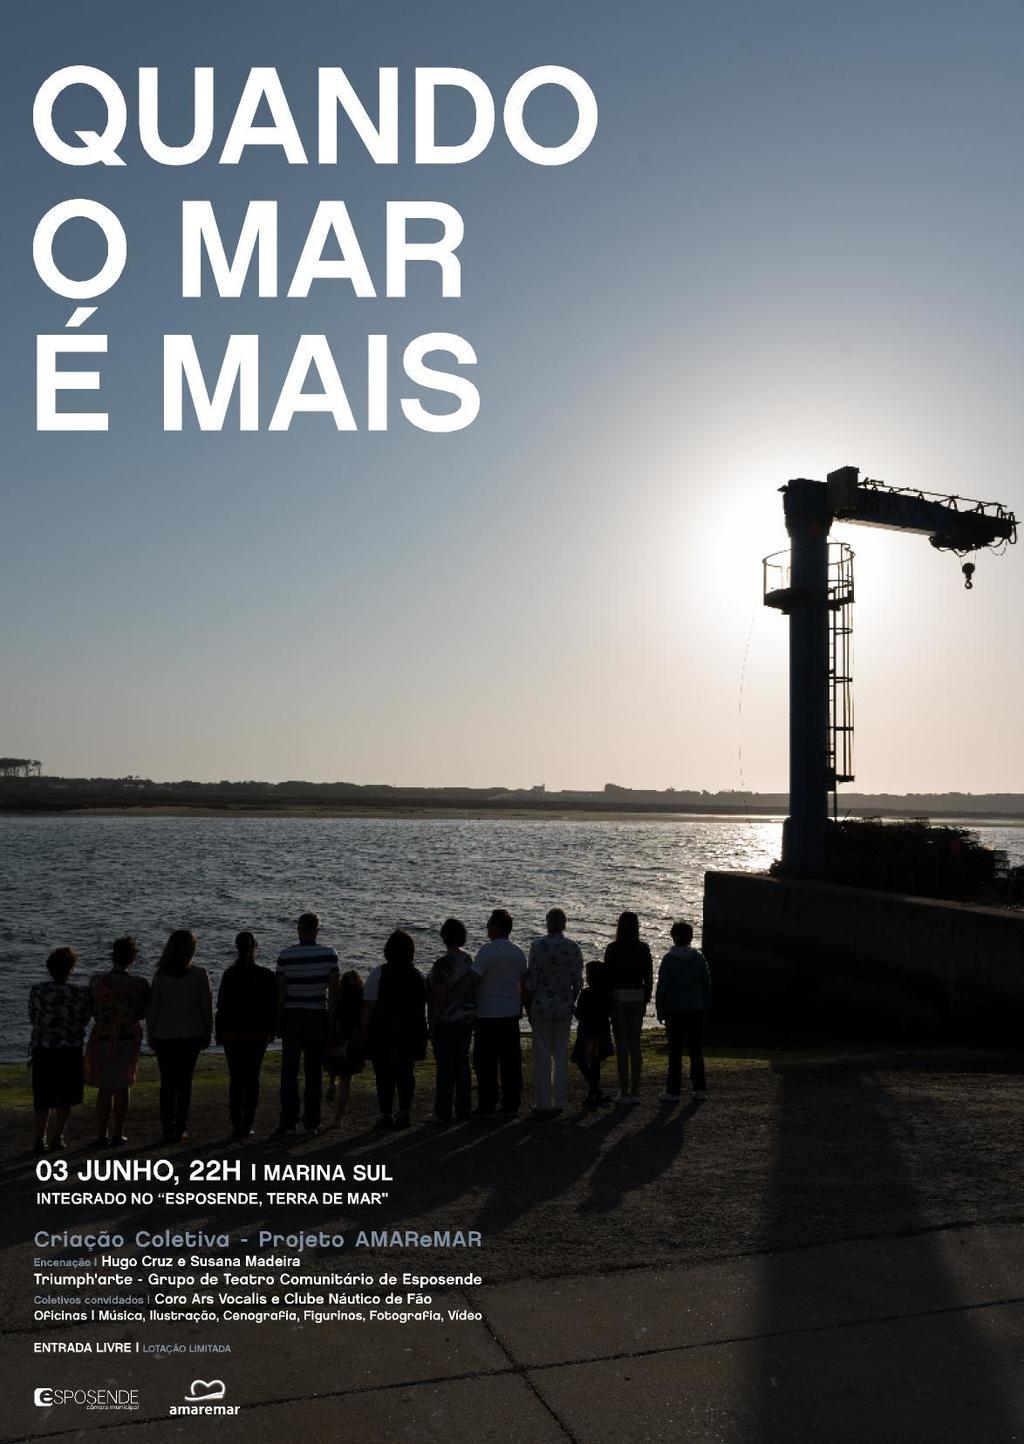 projeto-social-e-comunitario-amaremar-apresenta-quando-o-mar-e-mais